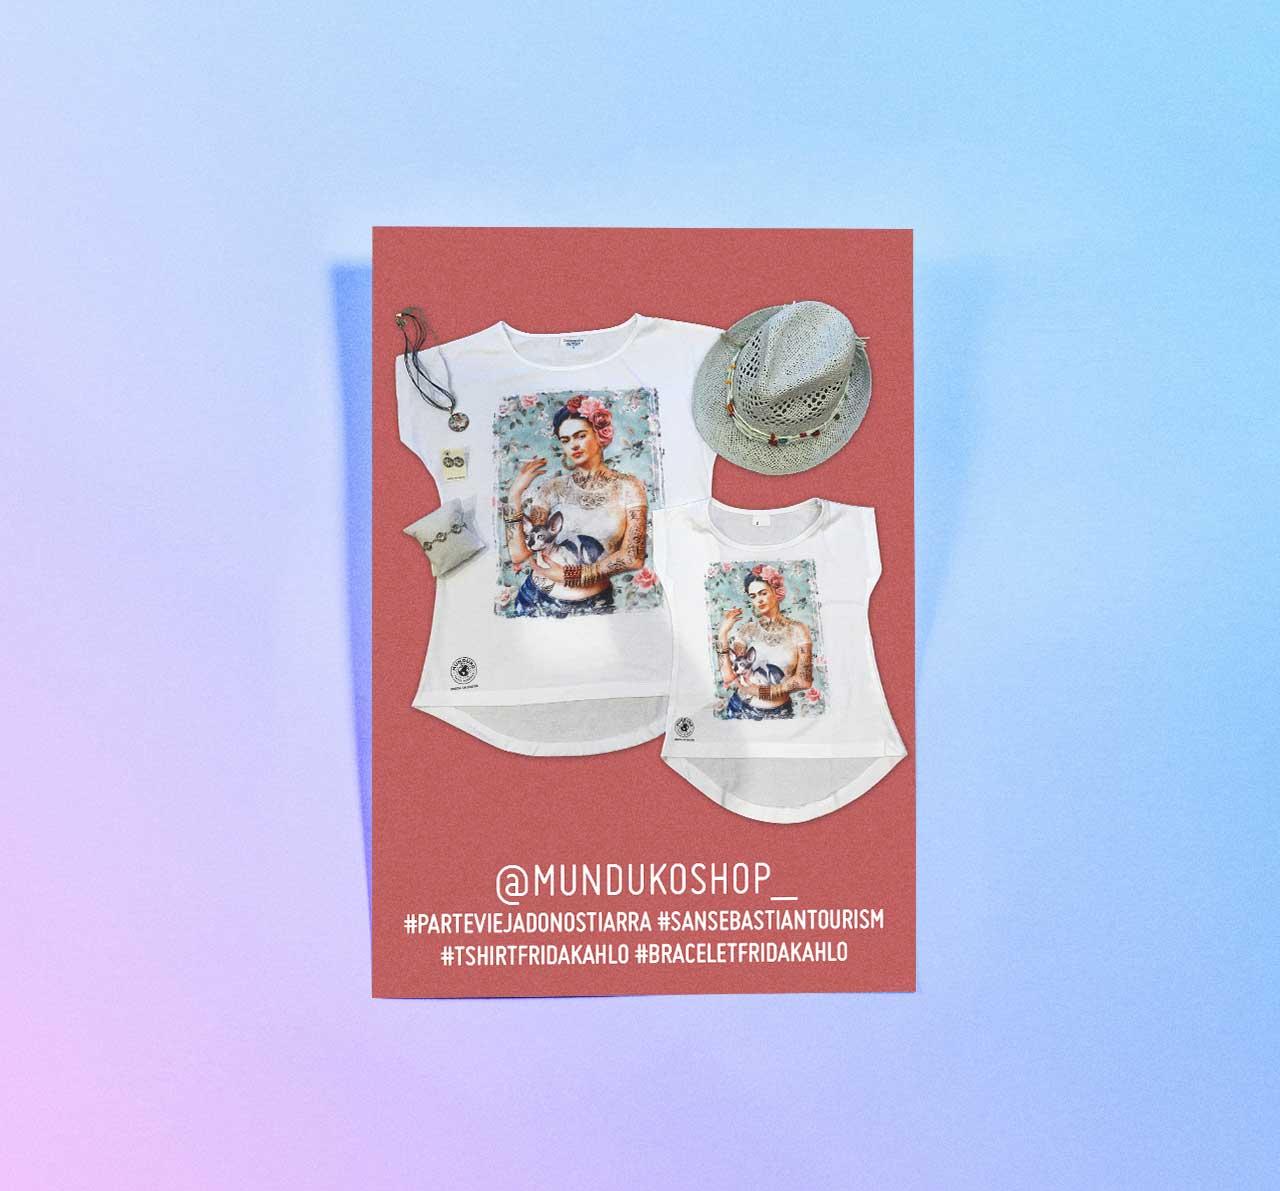 Munduko Shop - Diseño de marca 5